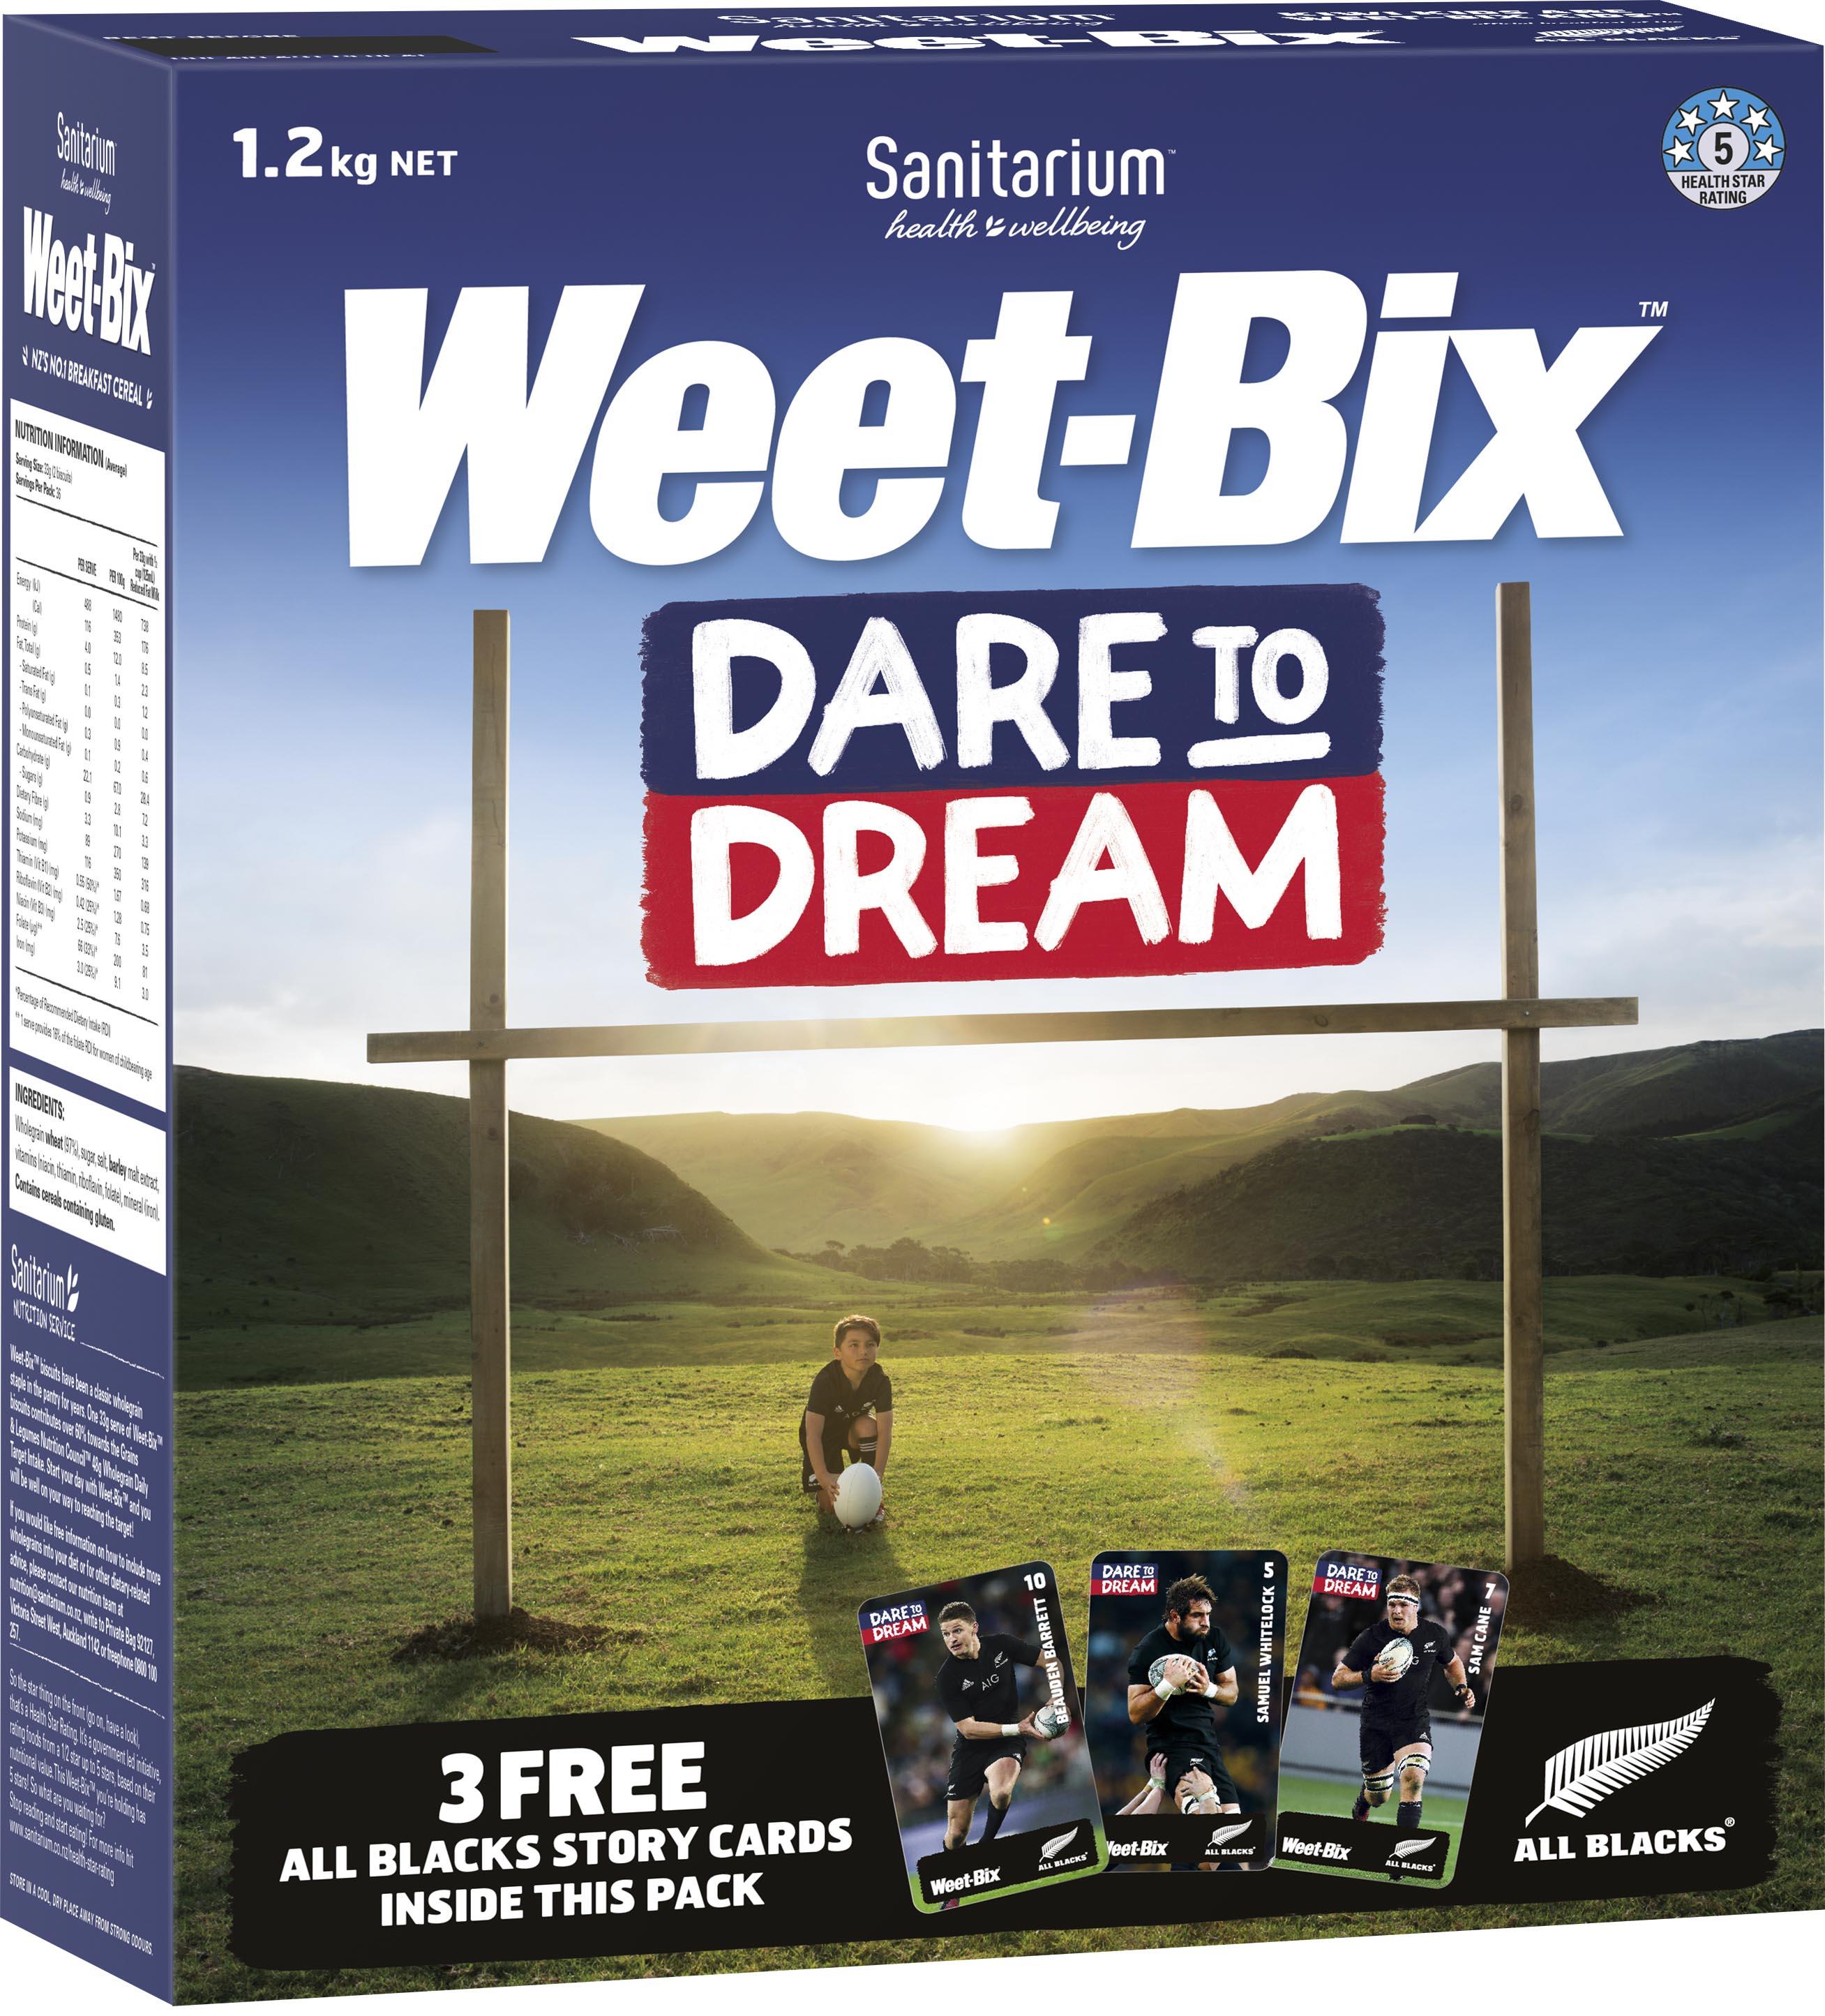 SAN0073 Weet-Bix All Blacks Pack Render 1.2kg 2